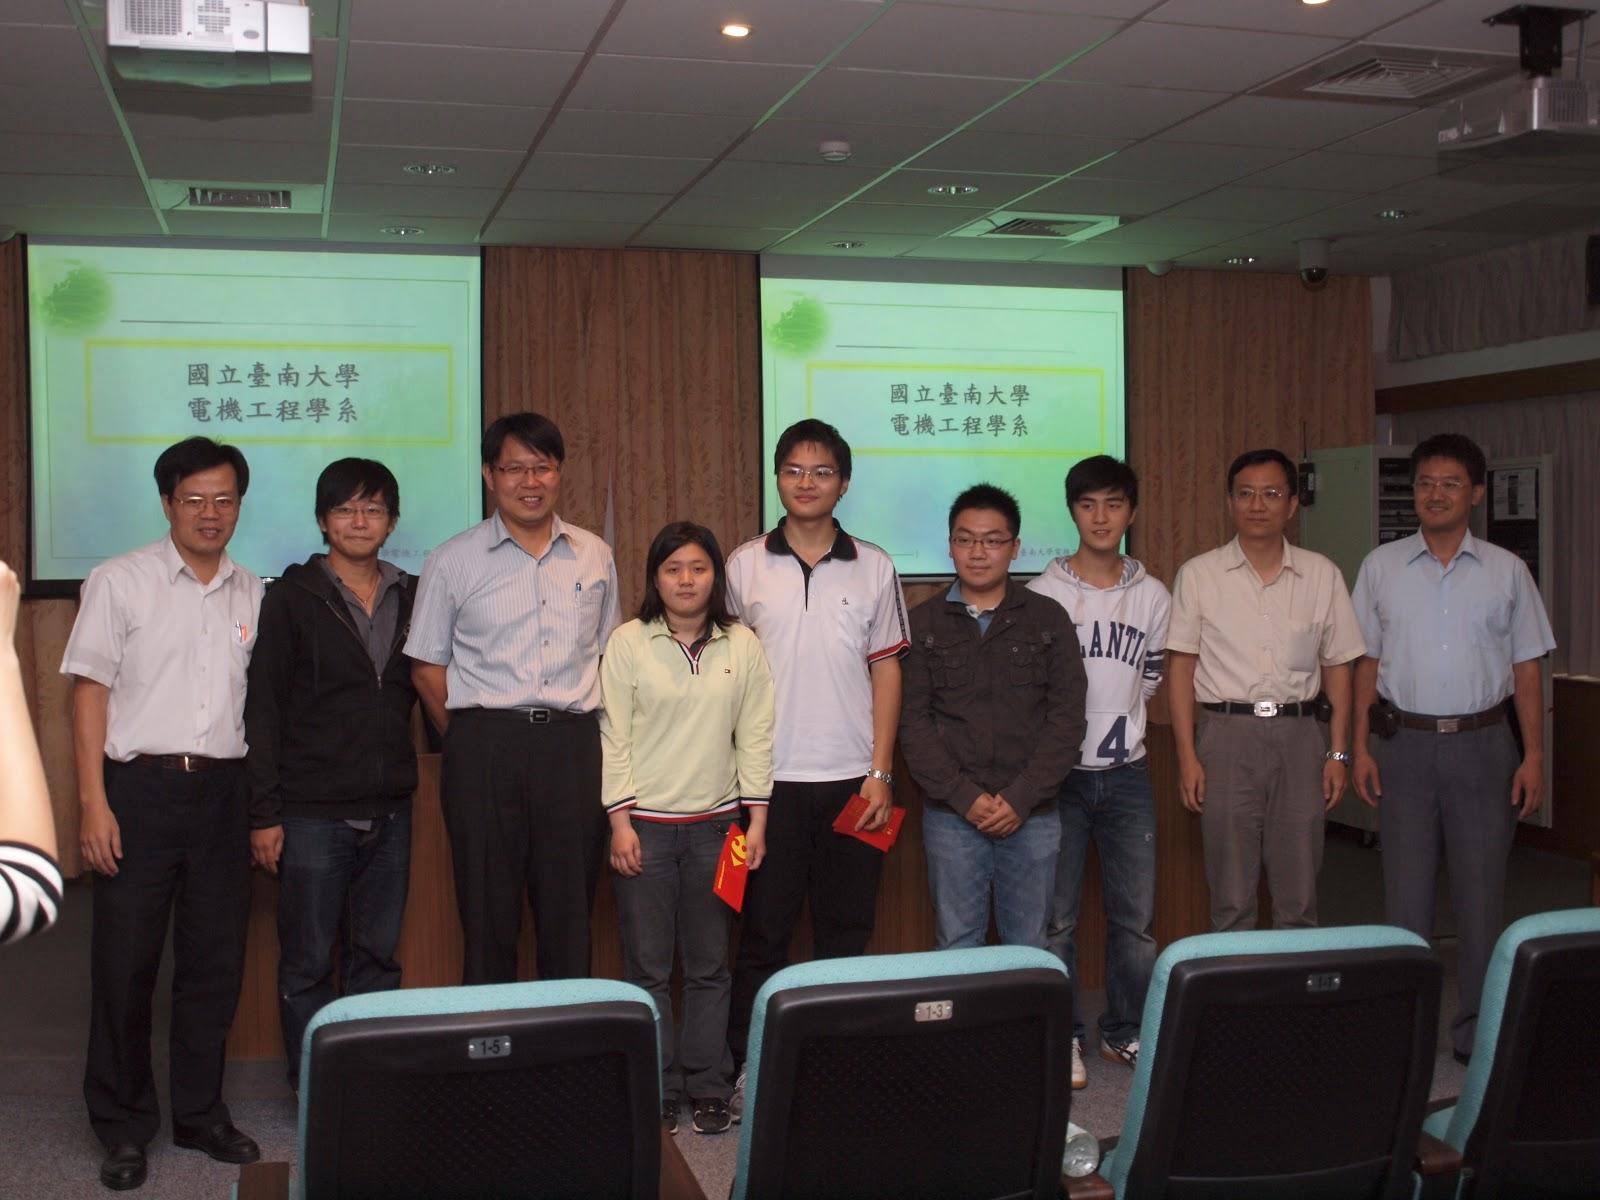 國立臺南大學 電機工程學系 系學會